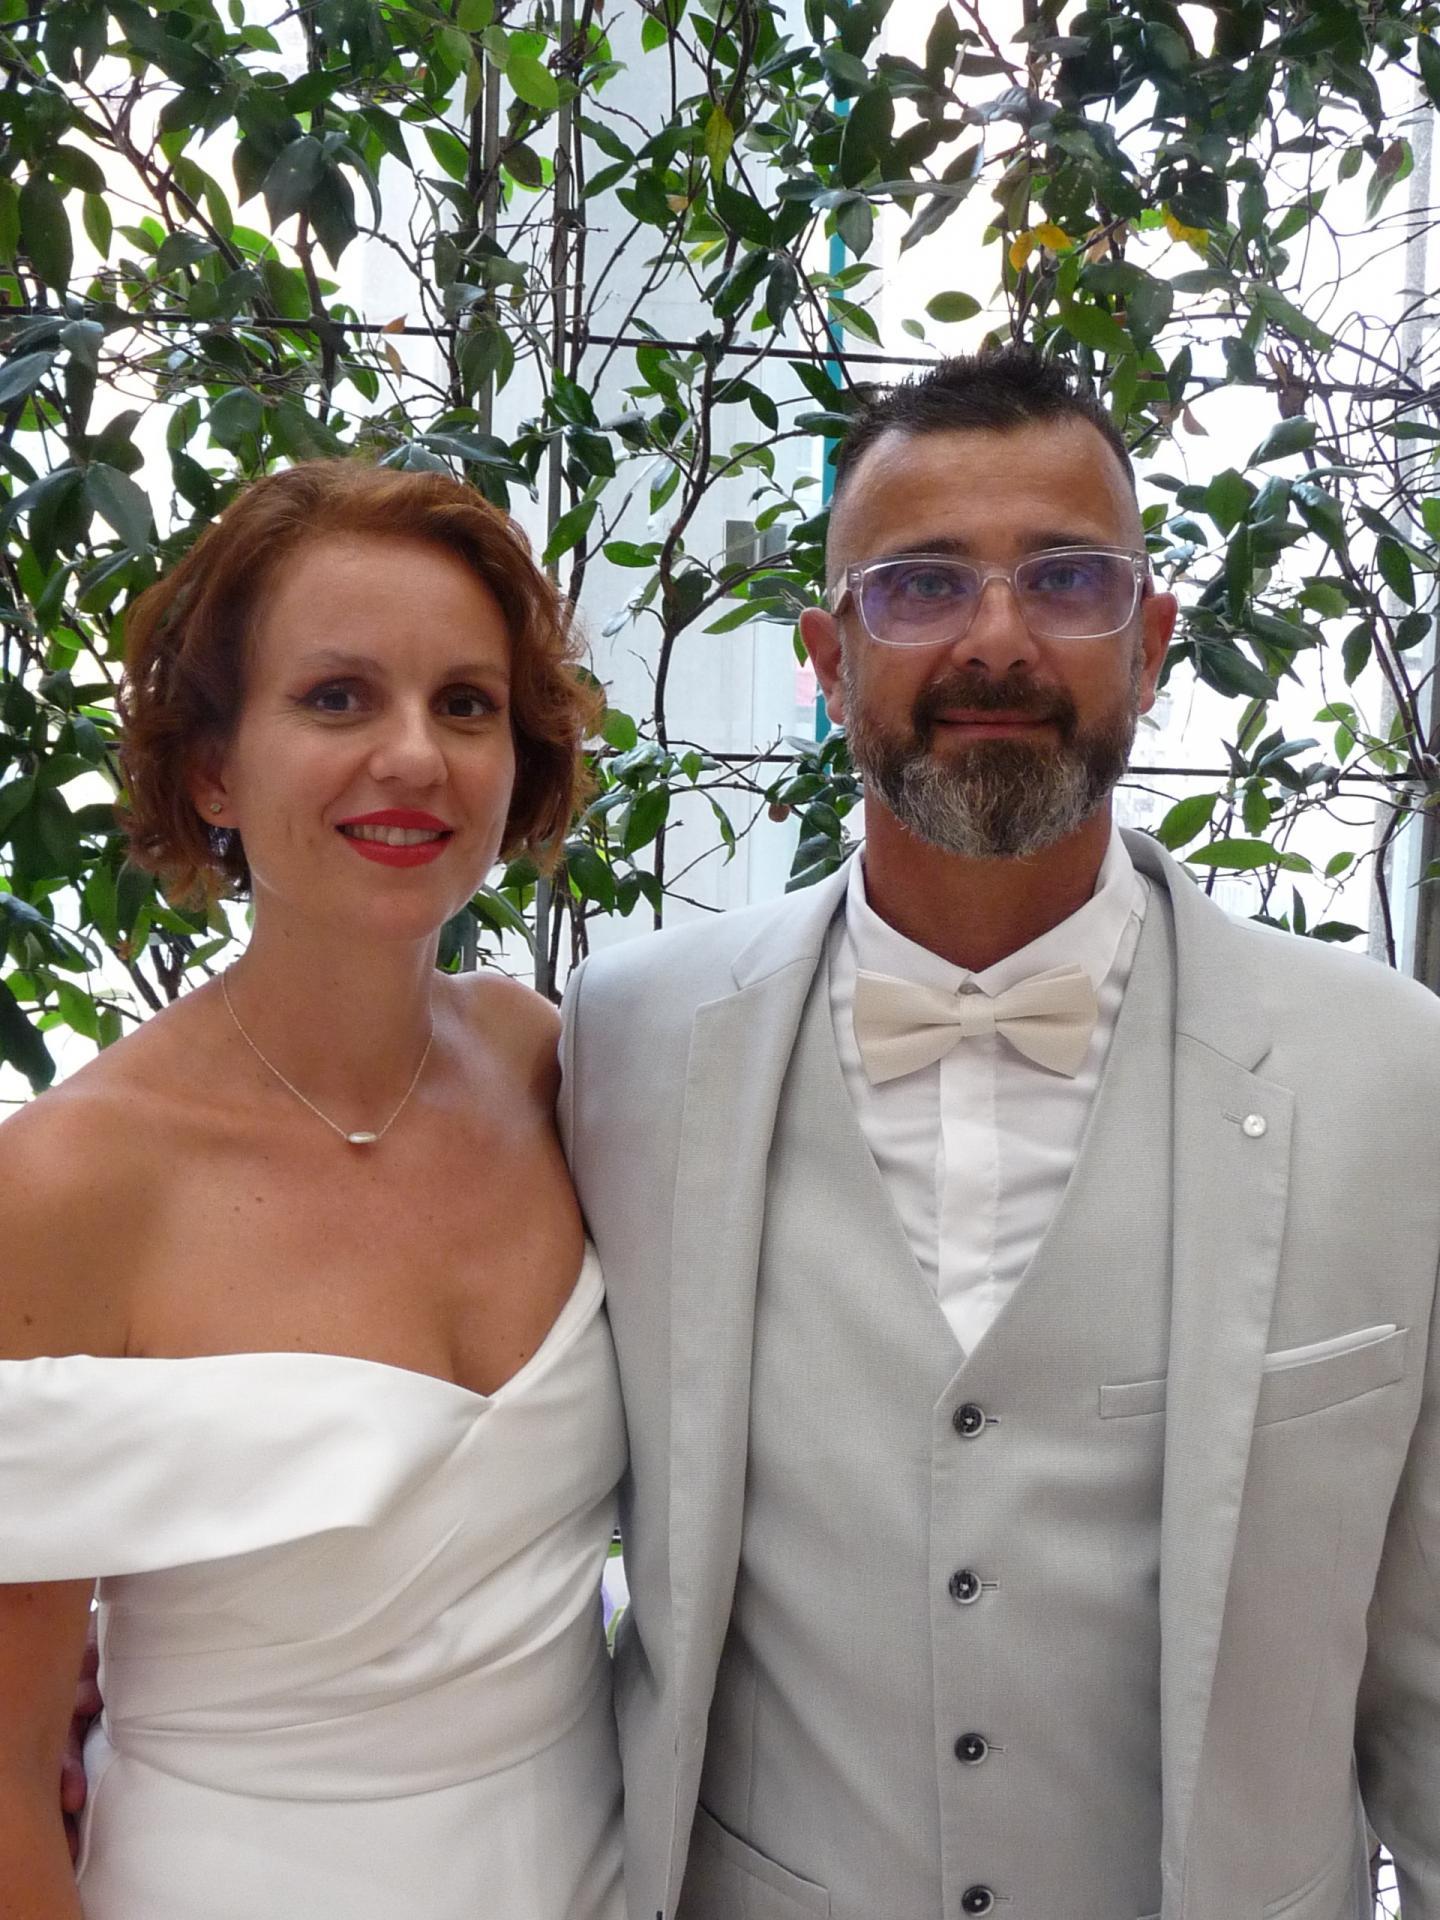 Marion Campagni, aide-soignante, et Lionel Droit, conseiller commercial.